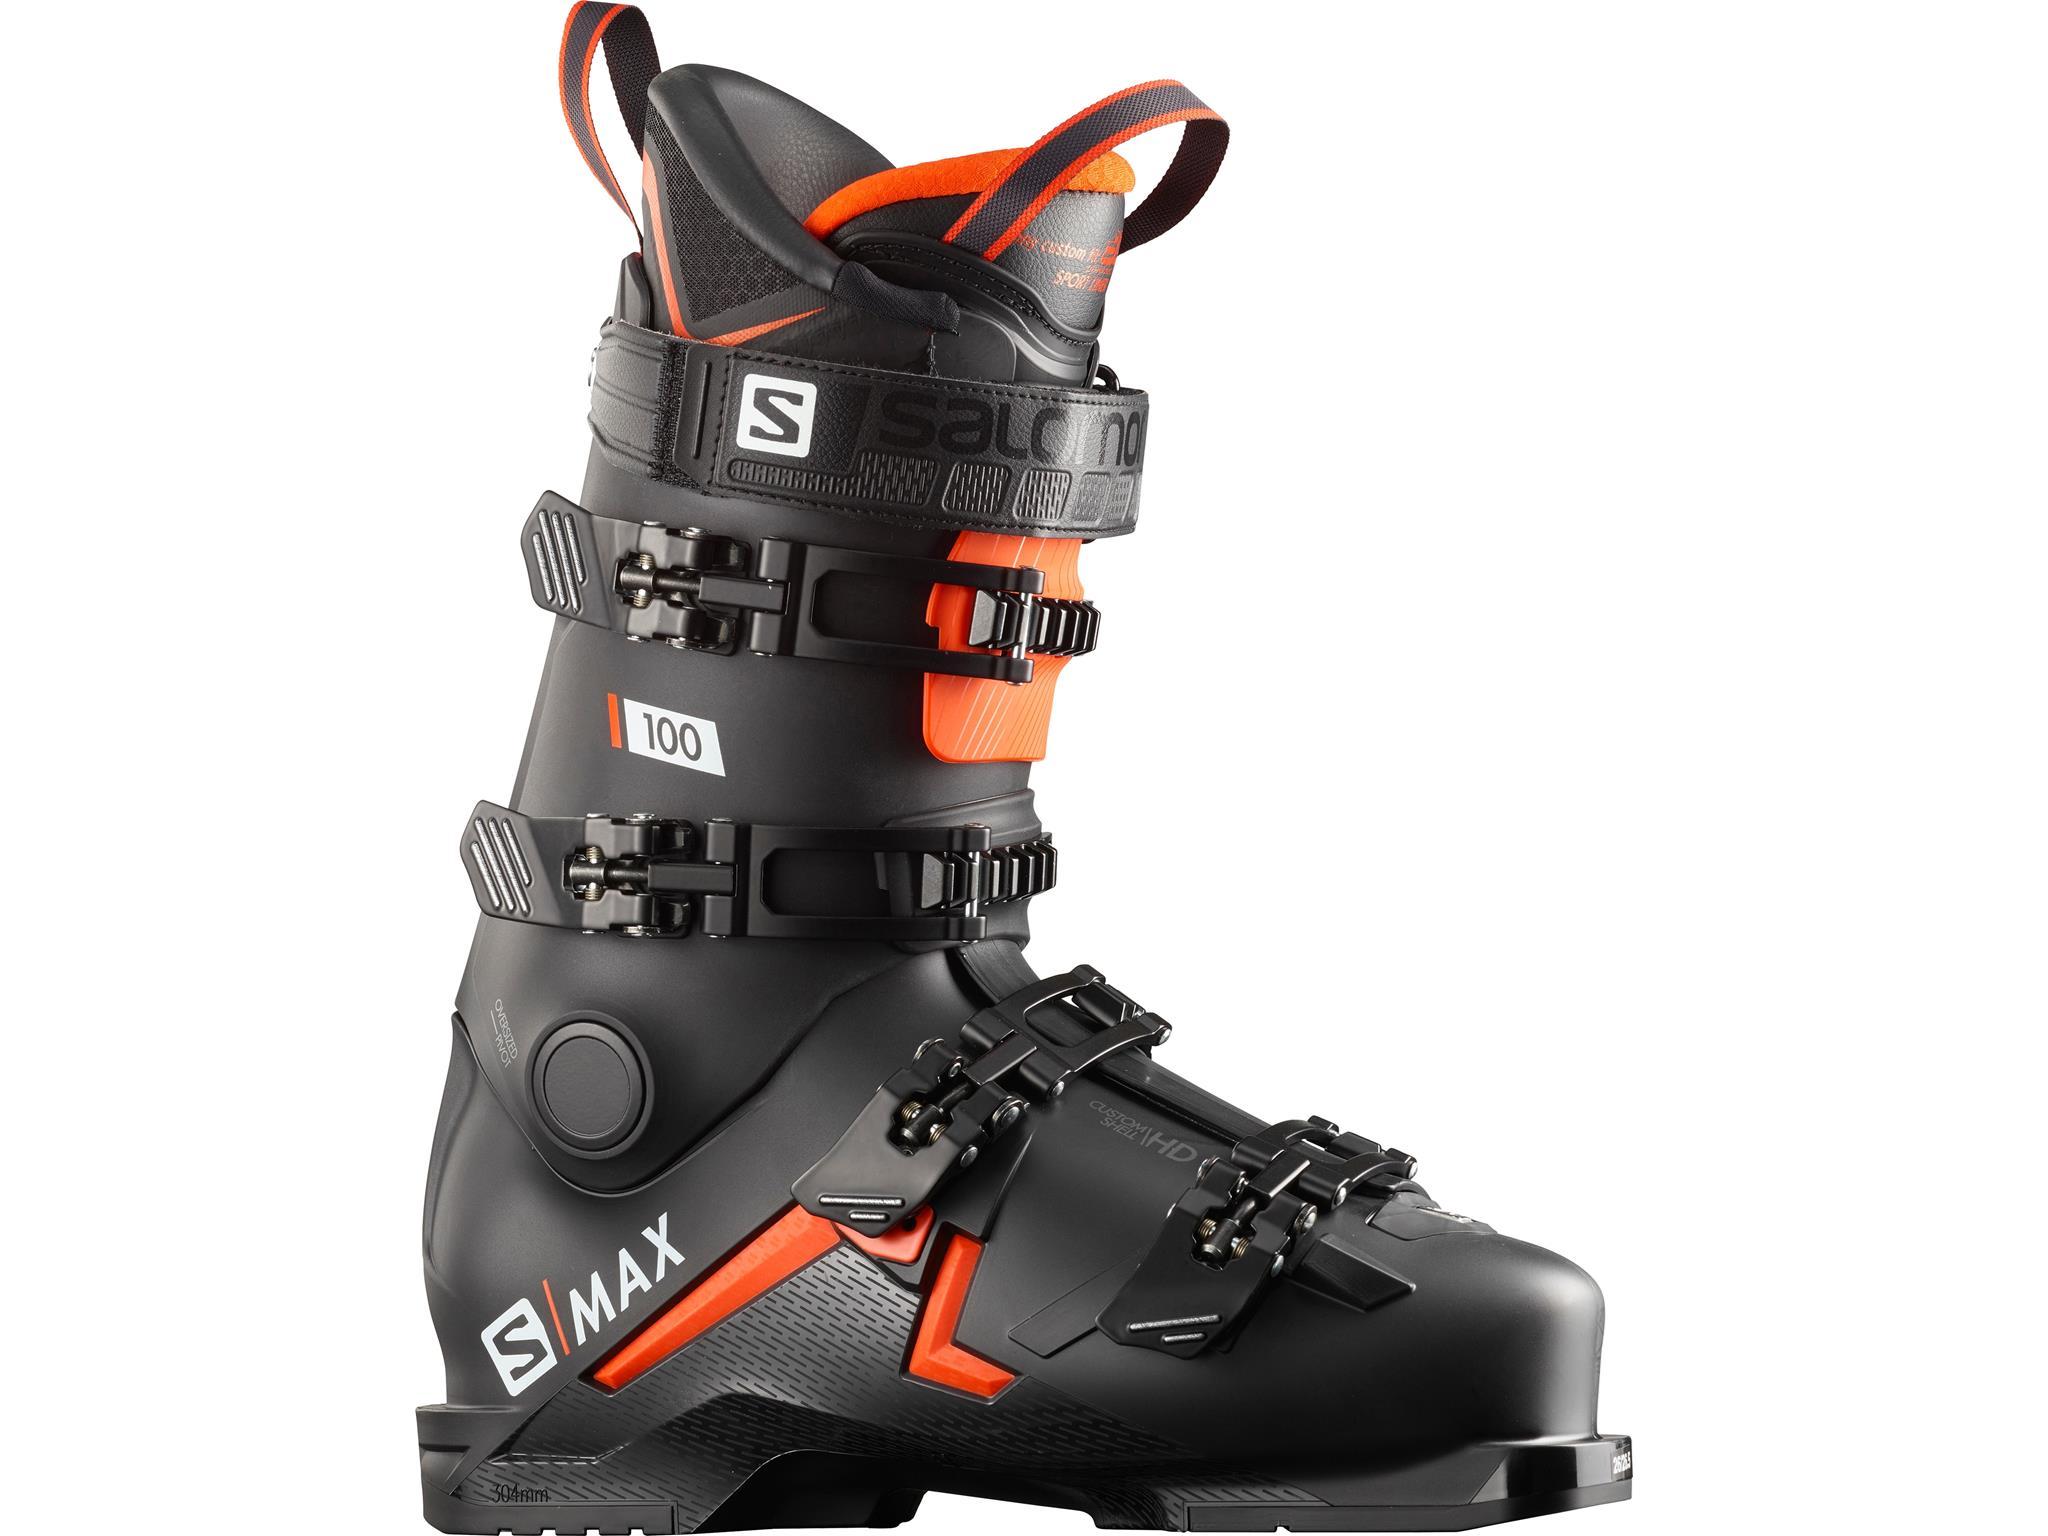 Buty narciarskie Salomon SMAX 100